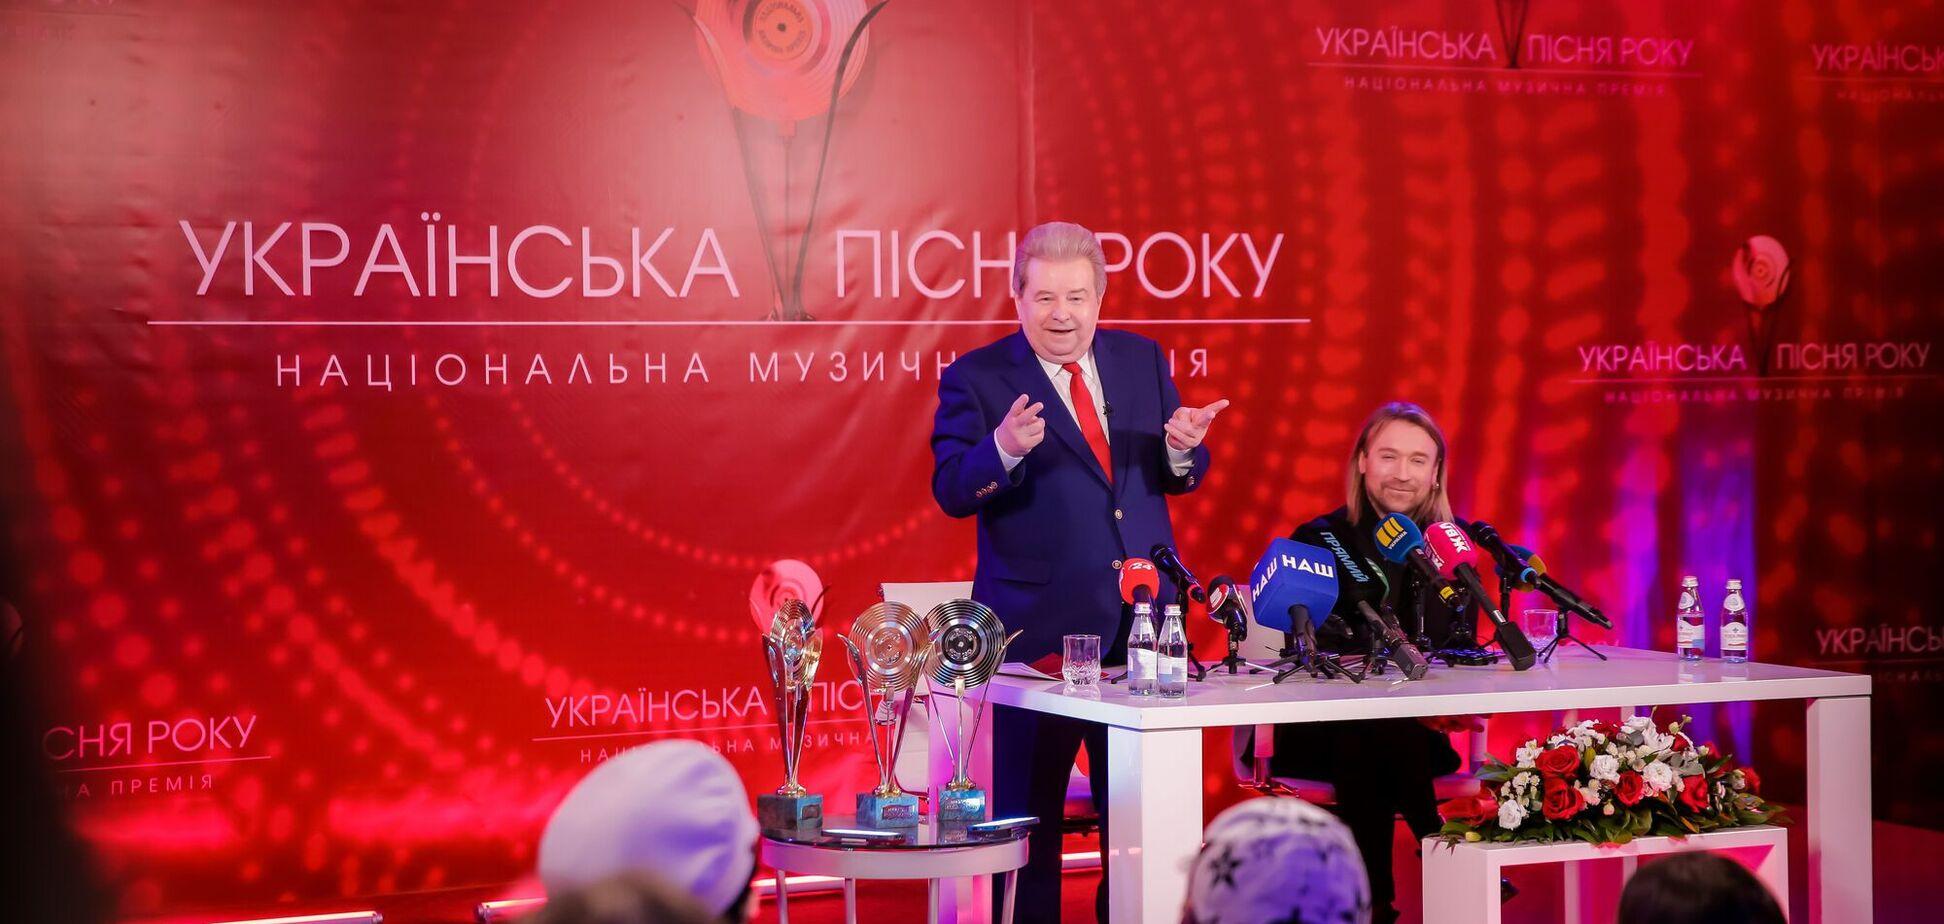 Винник и Поплавский анонсировали музыкальную премию 'Украинская песня года 2020'